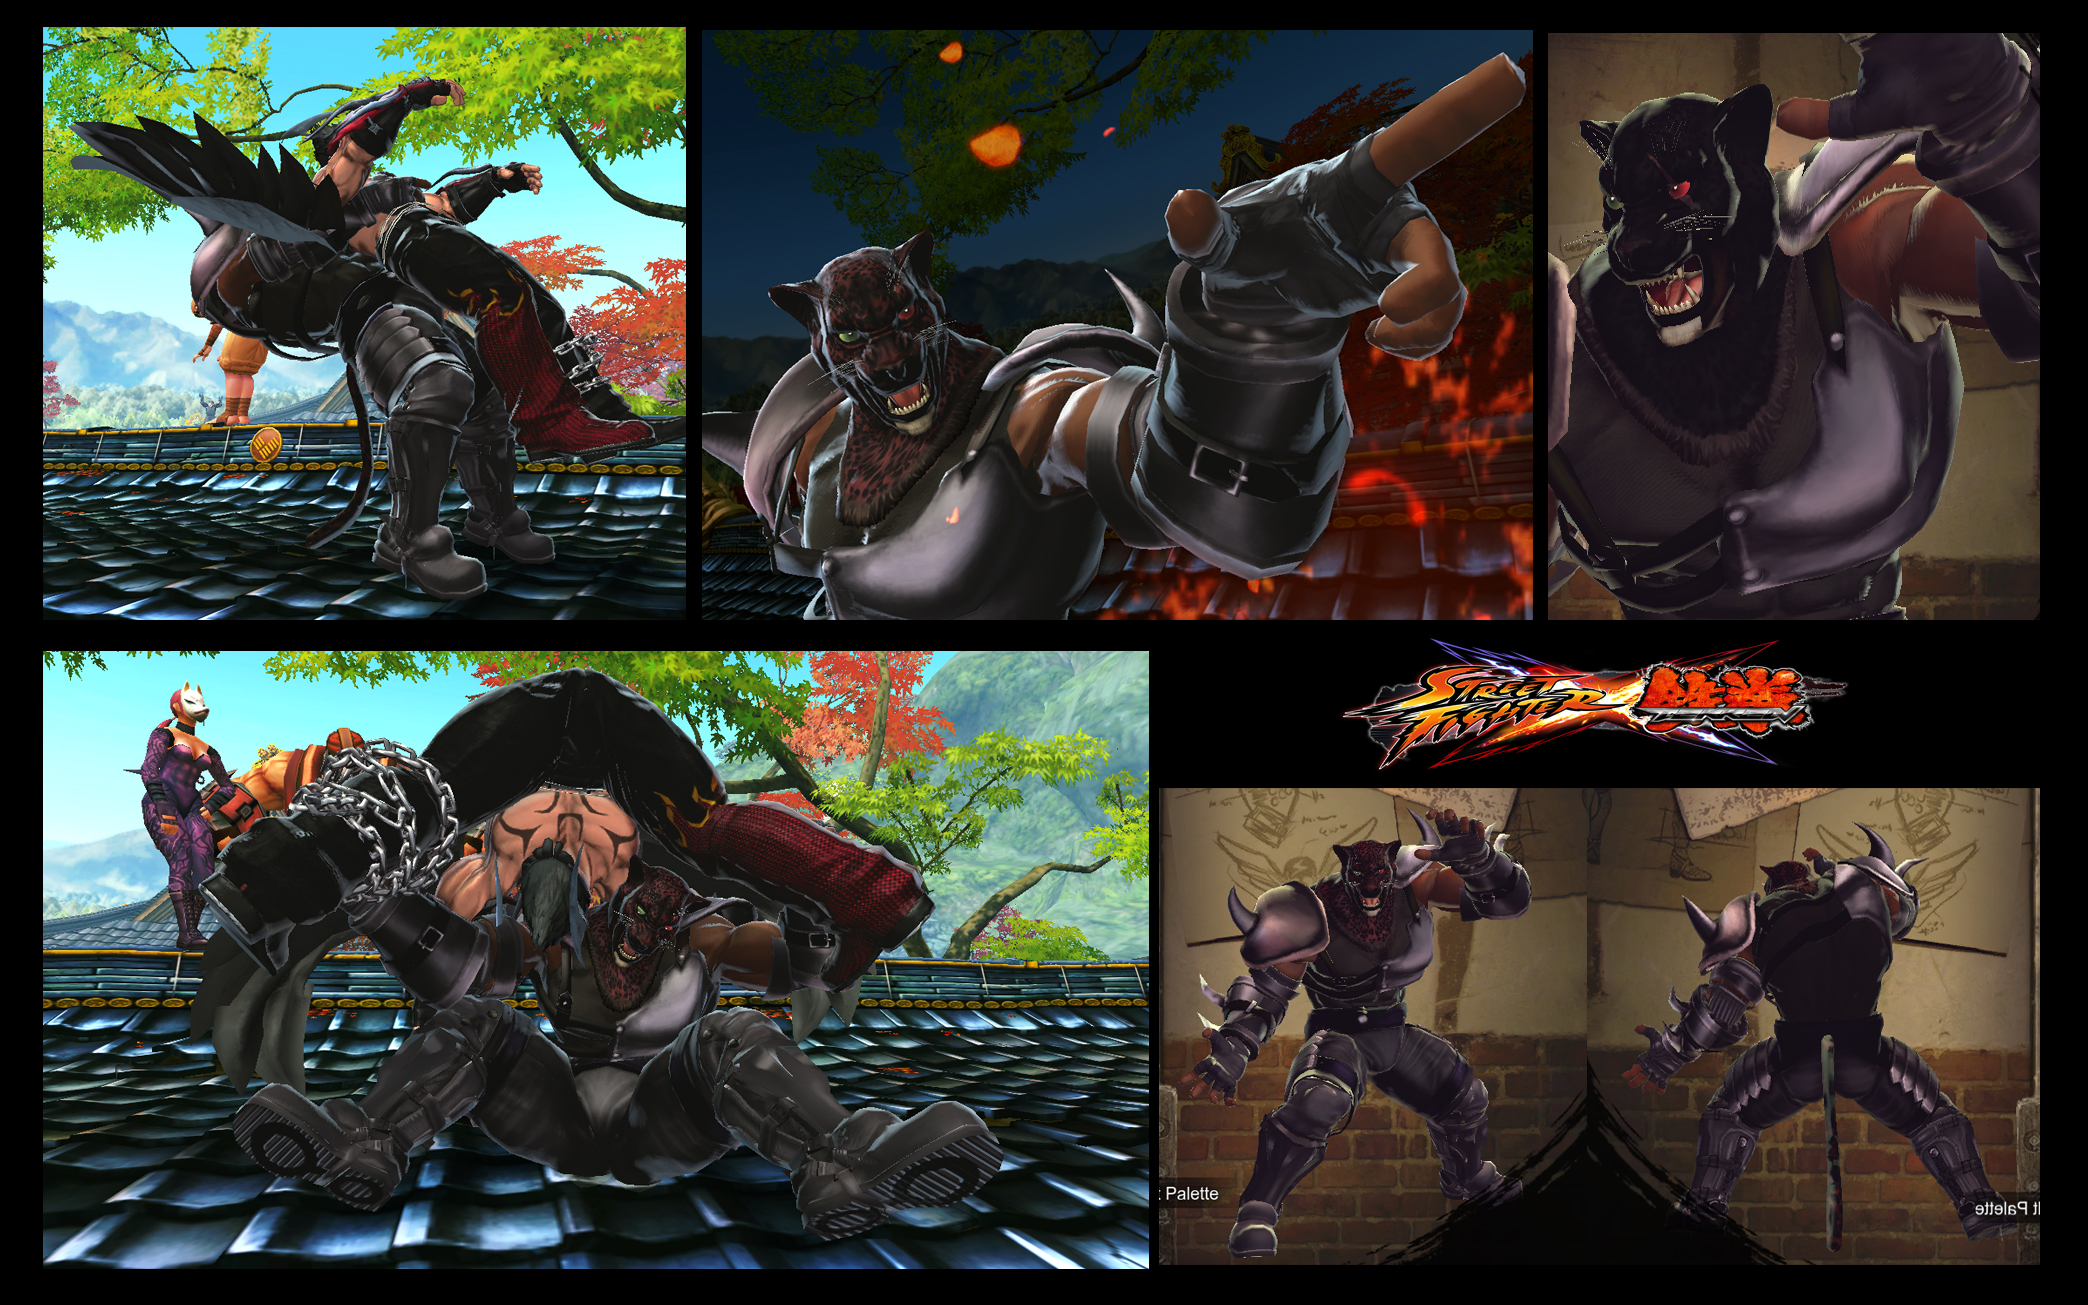 SF X TEKKEN King as Armor King true inspiration v2 by